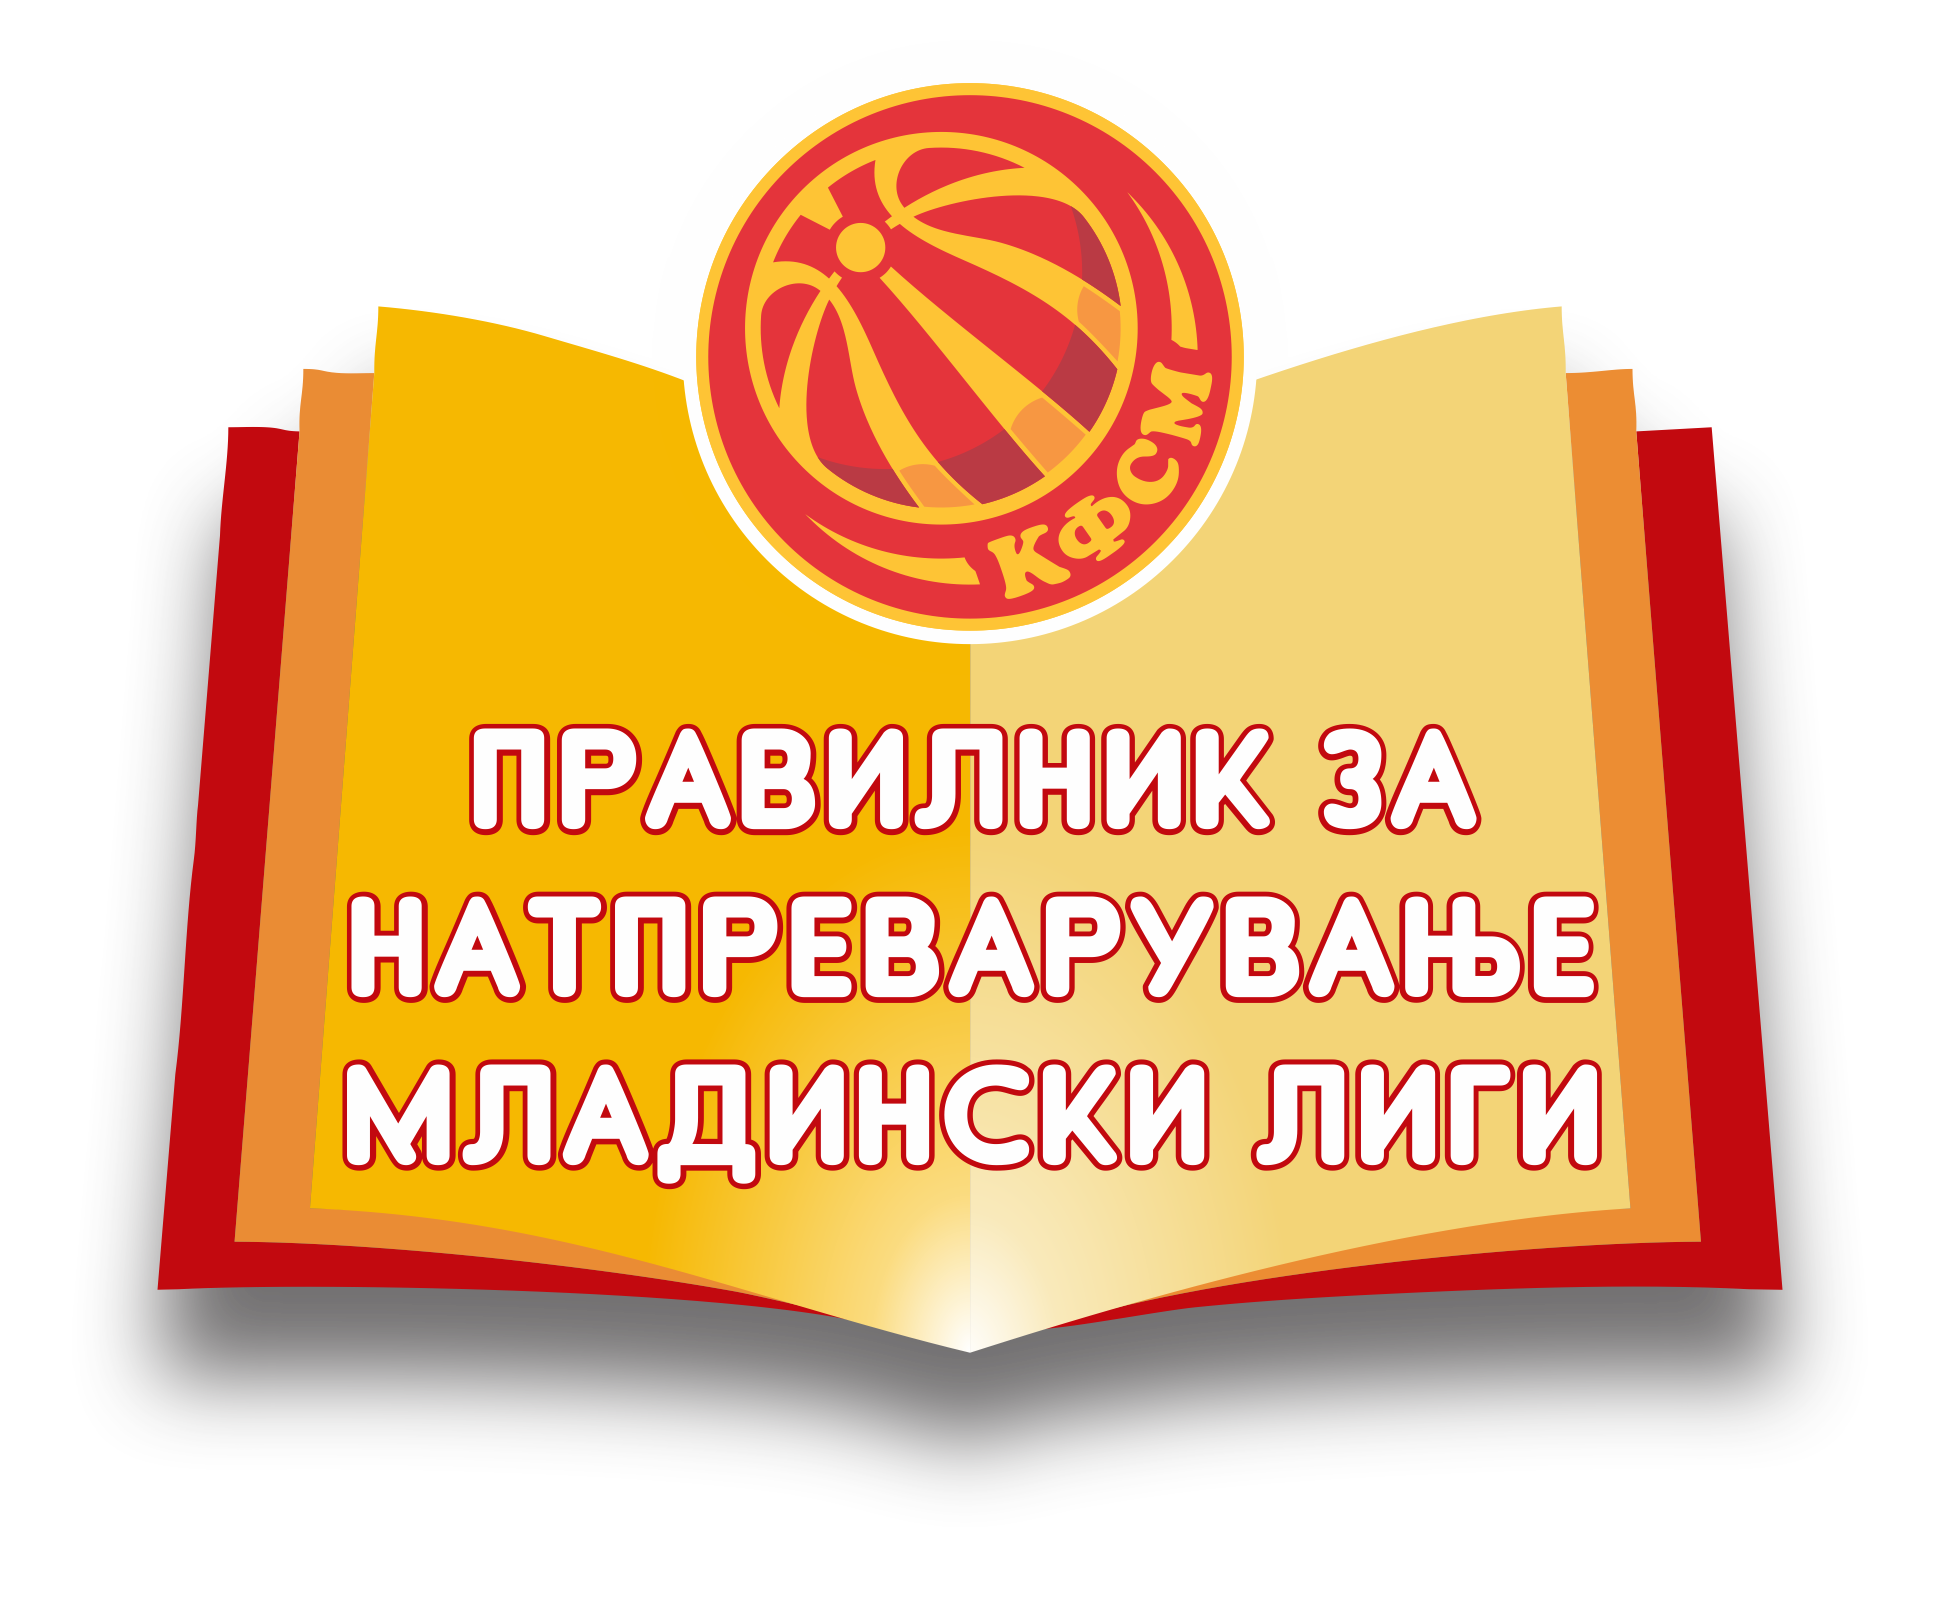 Правилник за натпреварување младински лиги